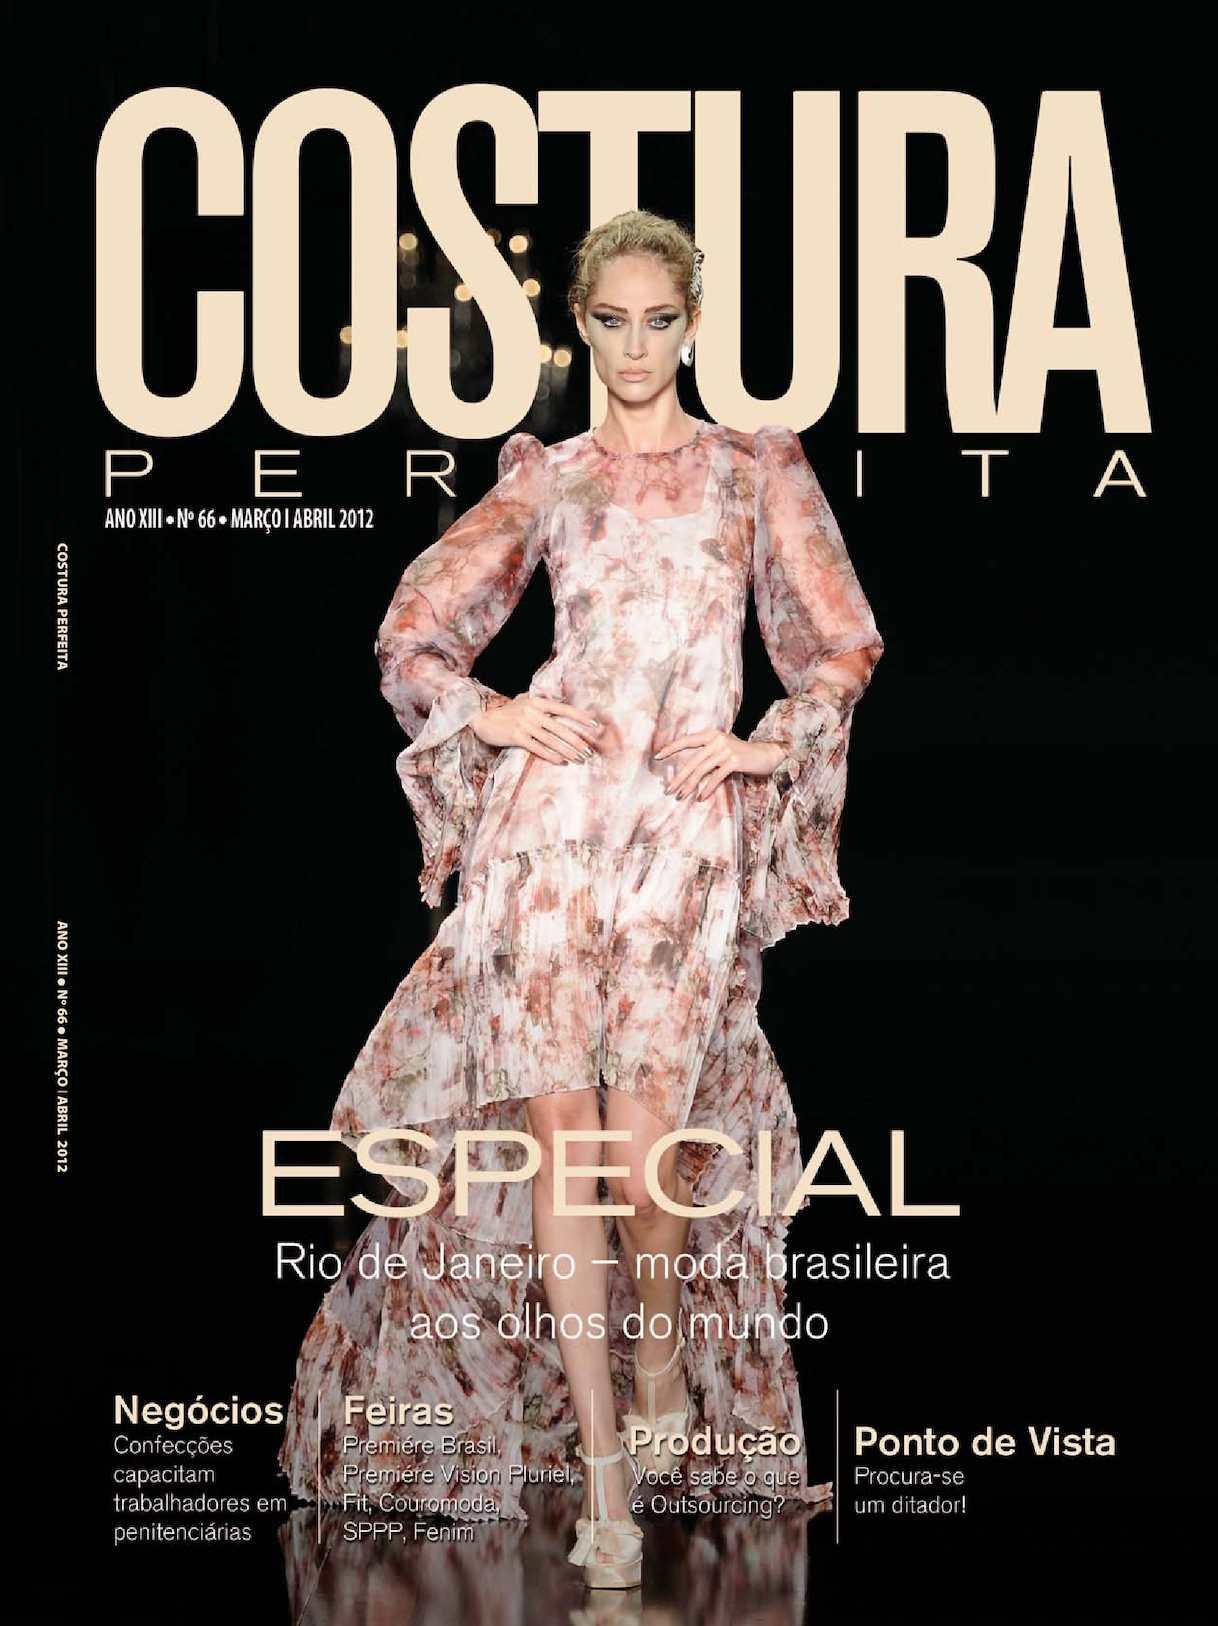 Calaméo - Revista Costura Perfeita Edição Ano XIII - N66 - Março-Abril 2012 97b49826bb